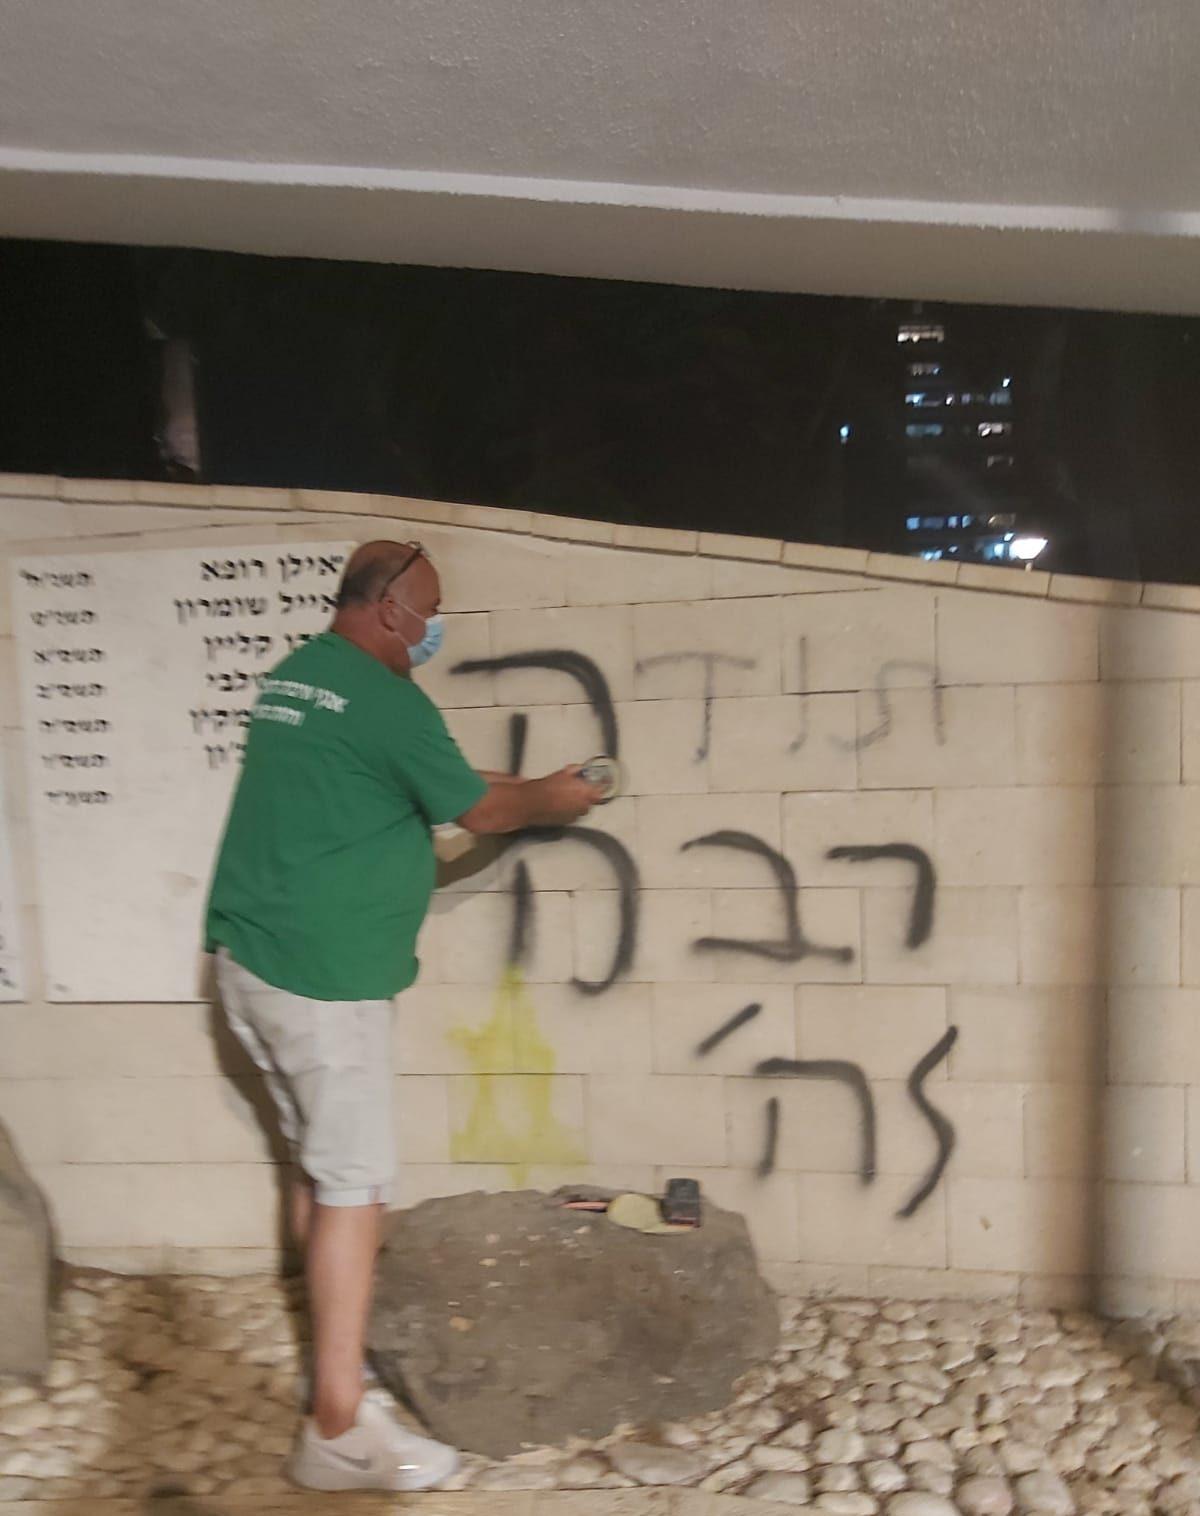 עובד עיריית יהוד-מונוסון מנקה את כתובת הגרפיטי שרוססה על האנדרטה לזכר חללי יהוד. צילום: דוברות עיריית יהוד-מונוסון